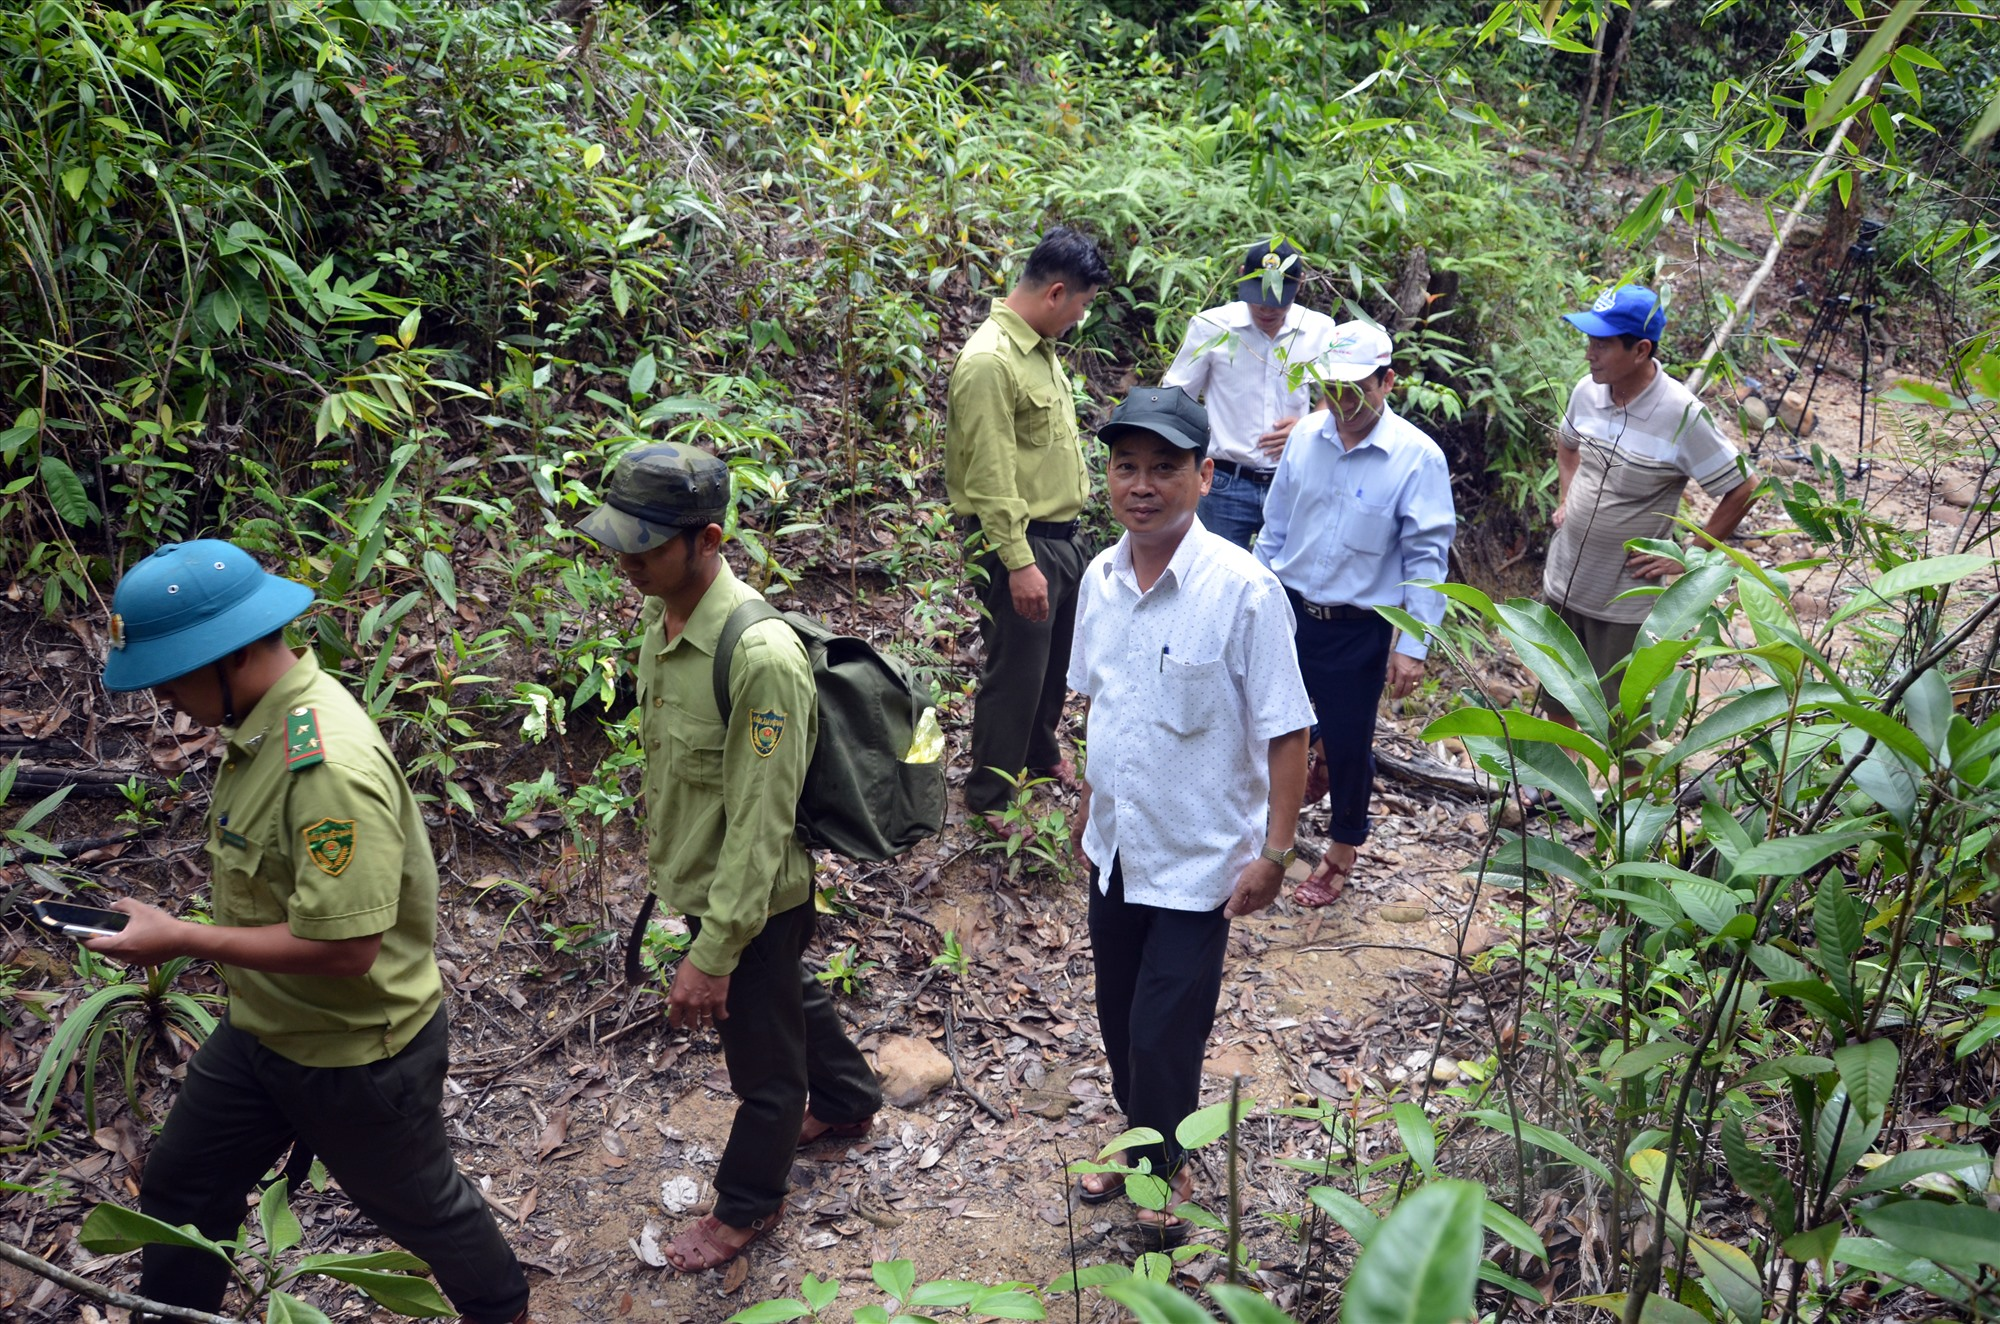 Lực lượng bảo vệ rừng chuyên trách tuần tra trong Khu bảo tồn loài và sinh cảnh voi Nông Sơn. Ảnh: H.P